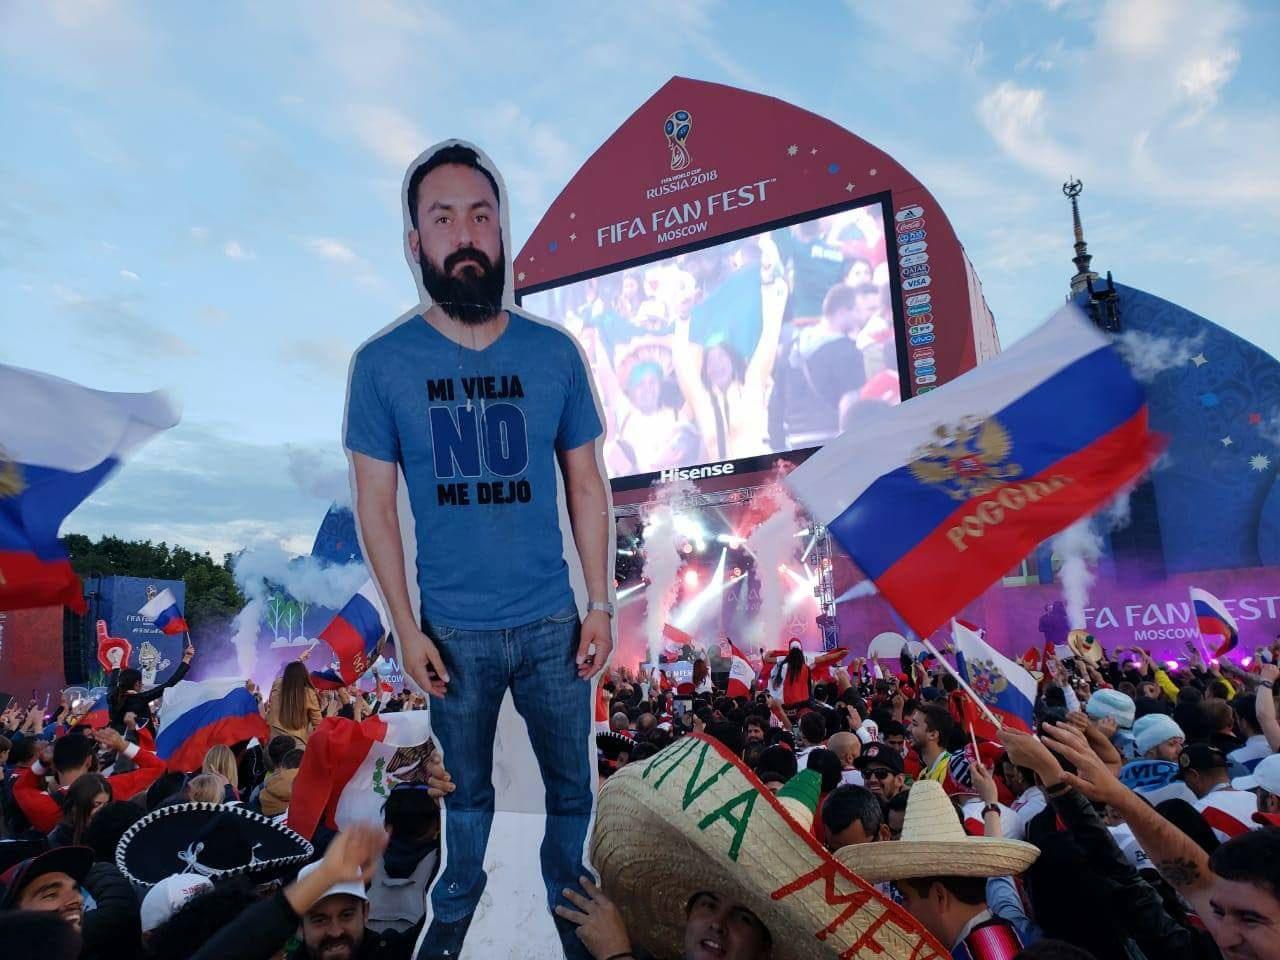 Mexicaan mag van vrouw niet naar WK vriendengroep verzint iets briljants 05